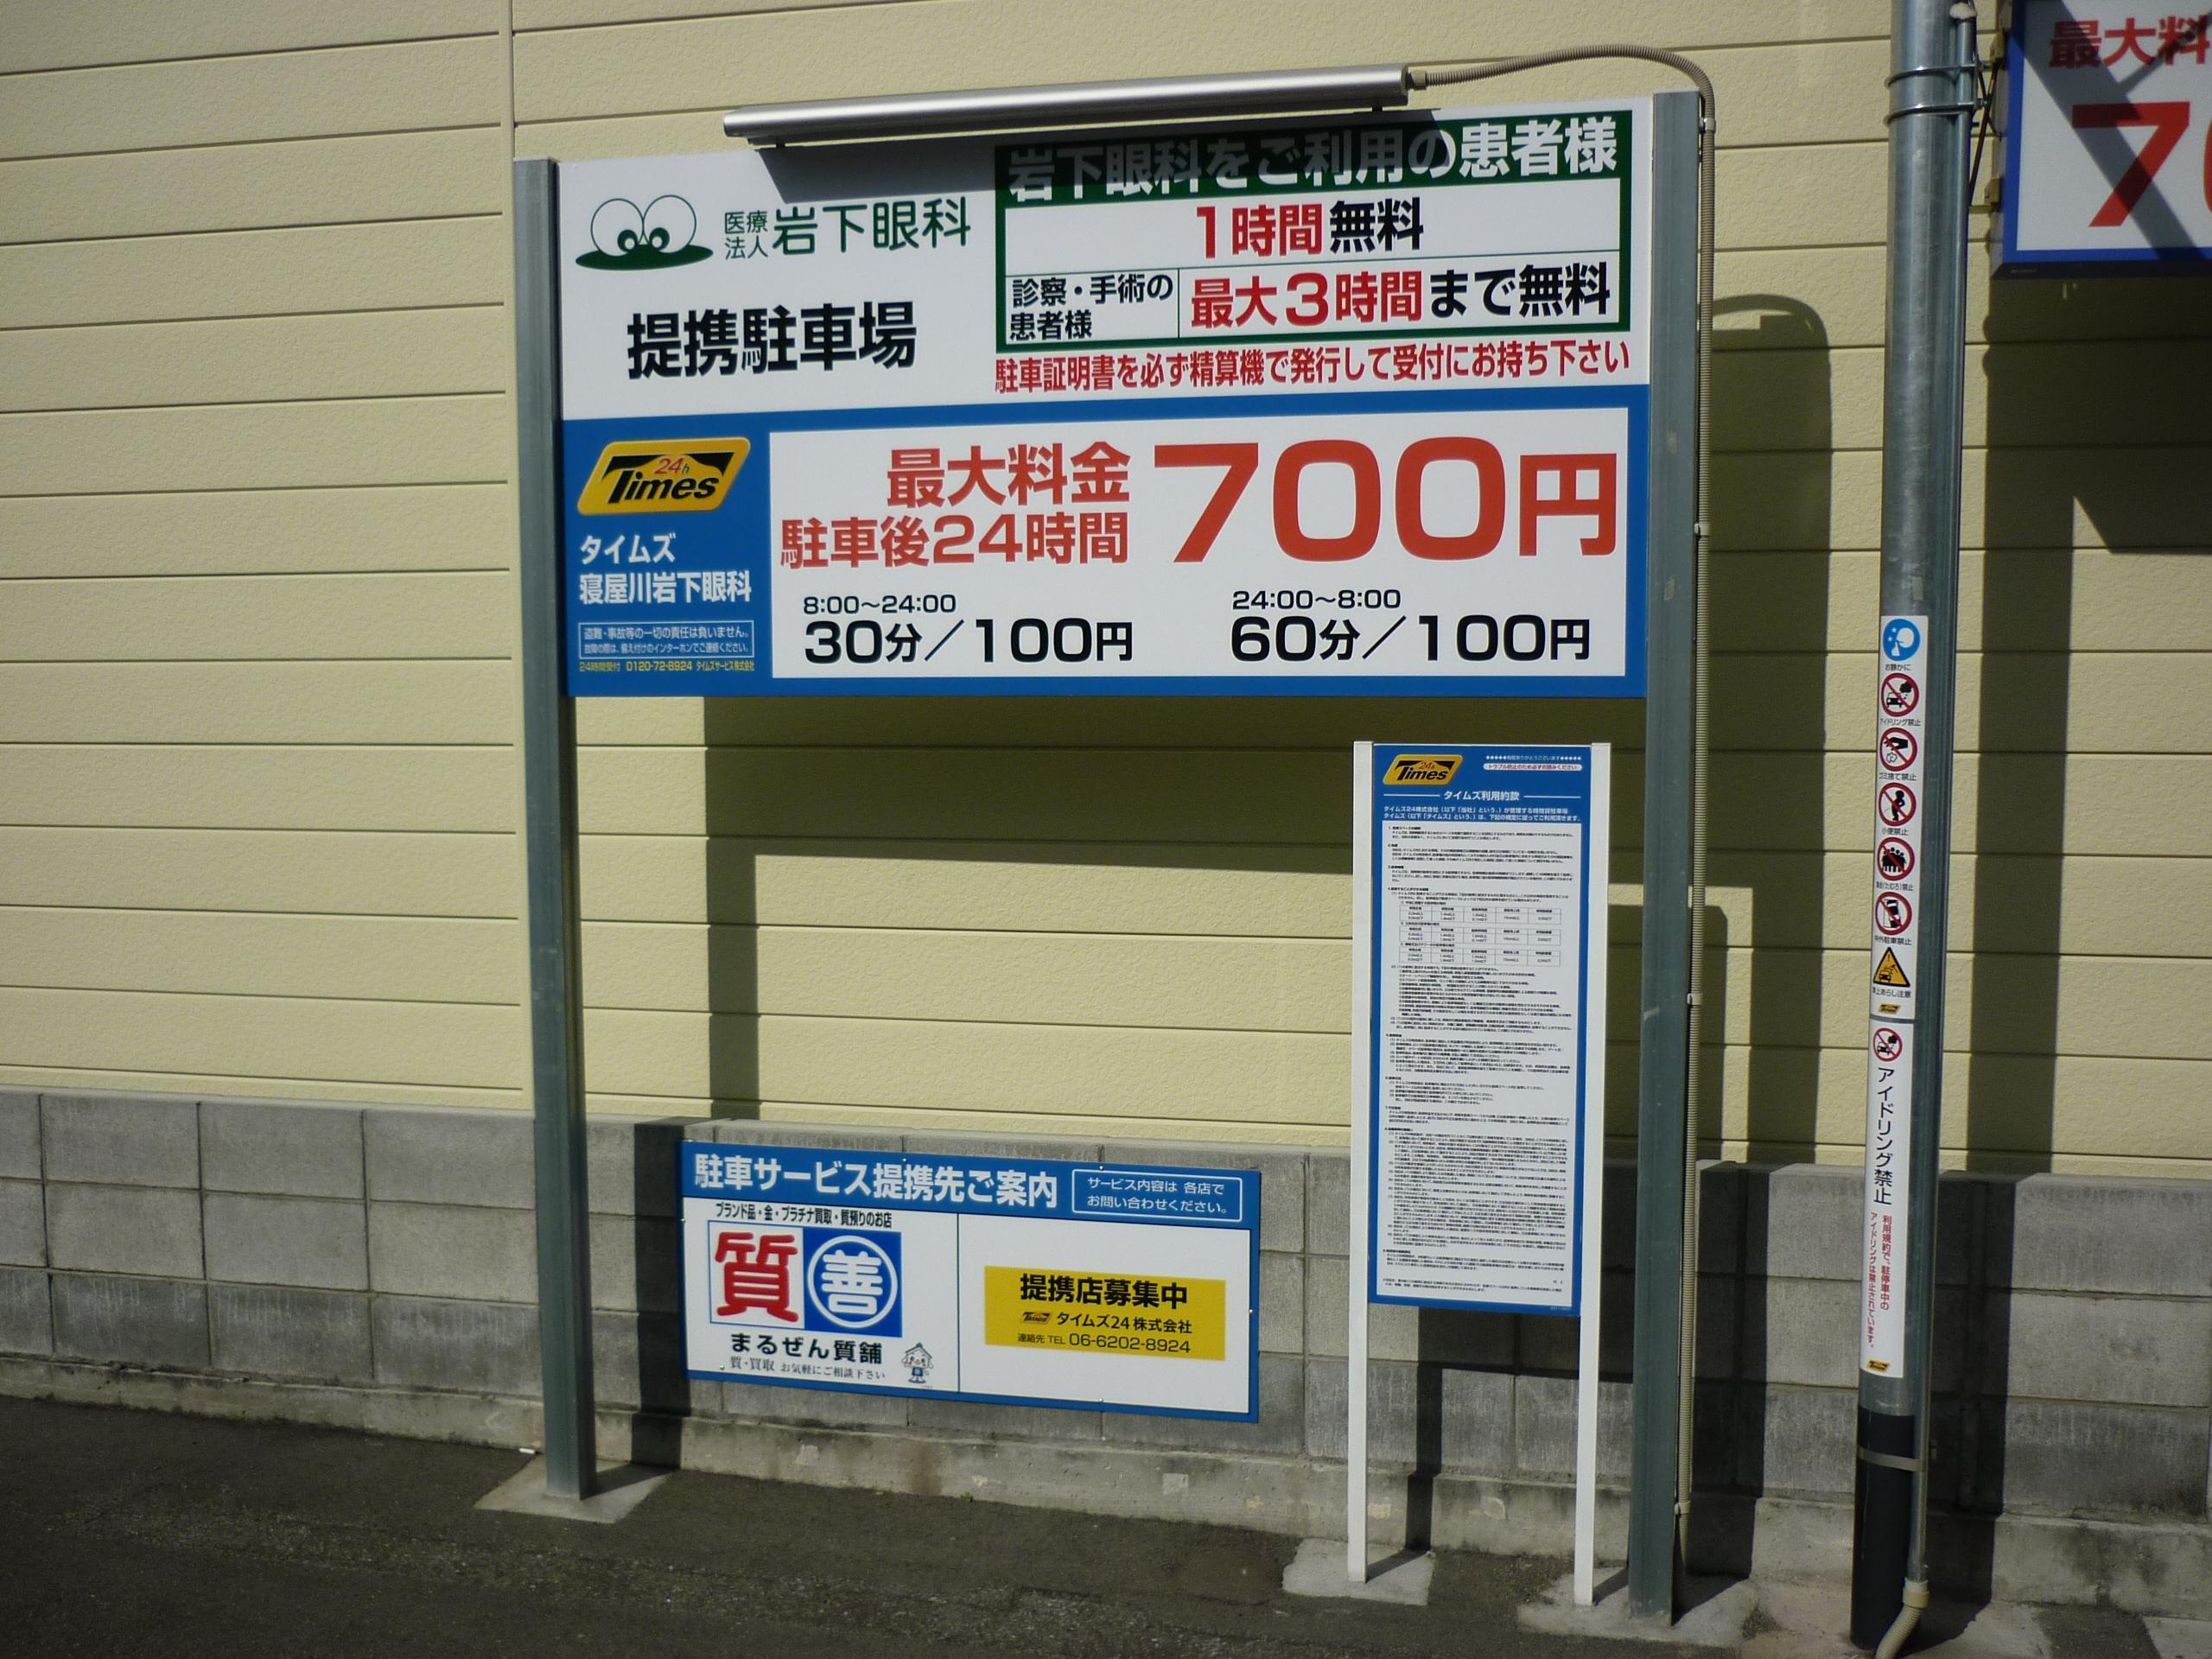 タイムス駐車場買取大阪寝屋川質屋まるぜん